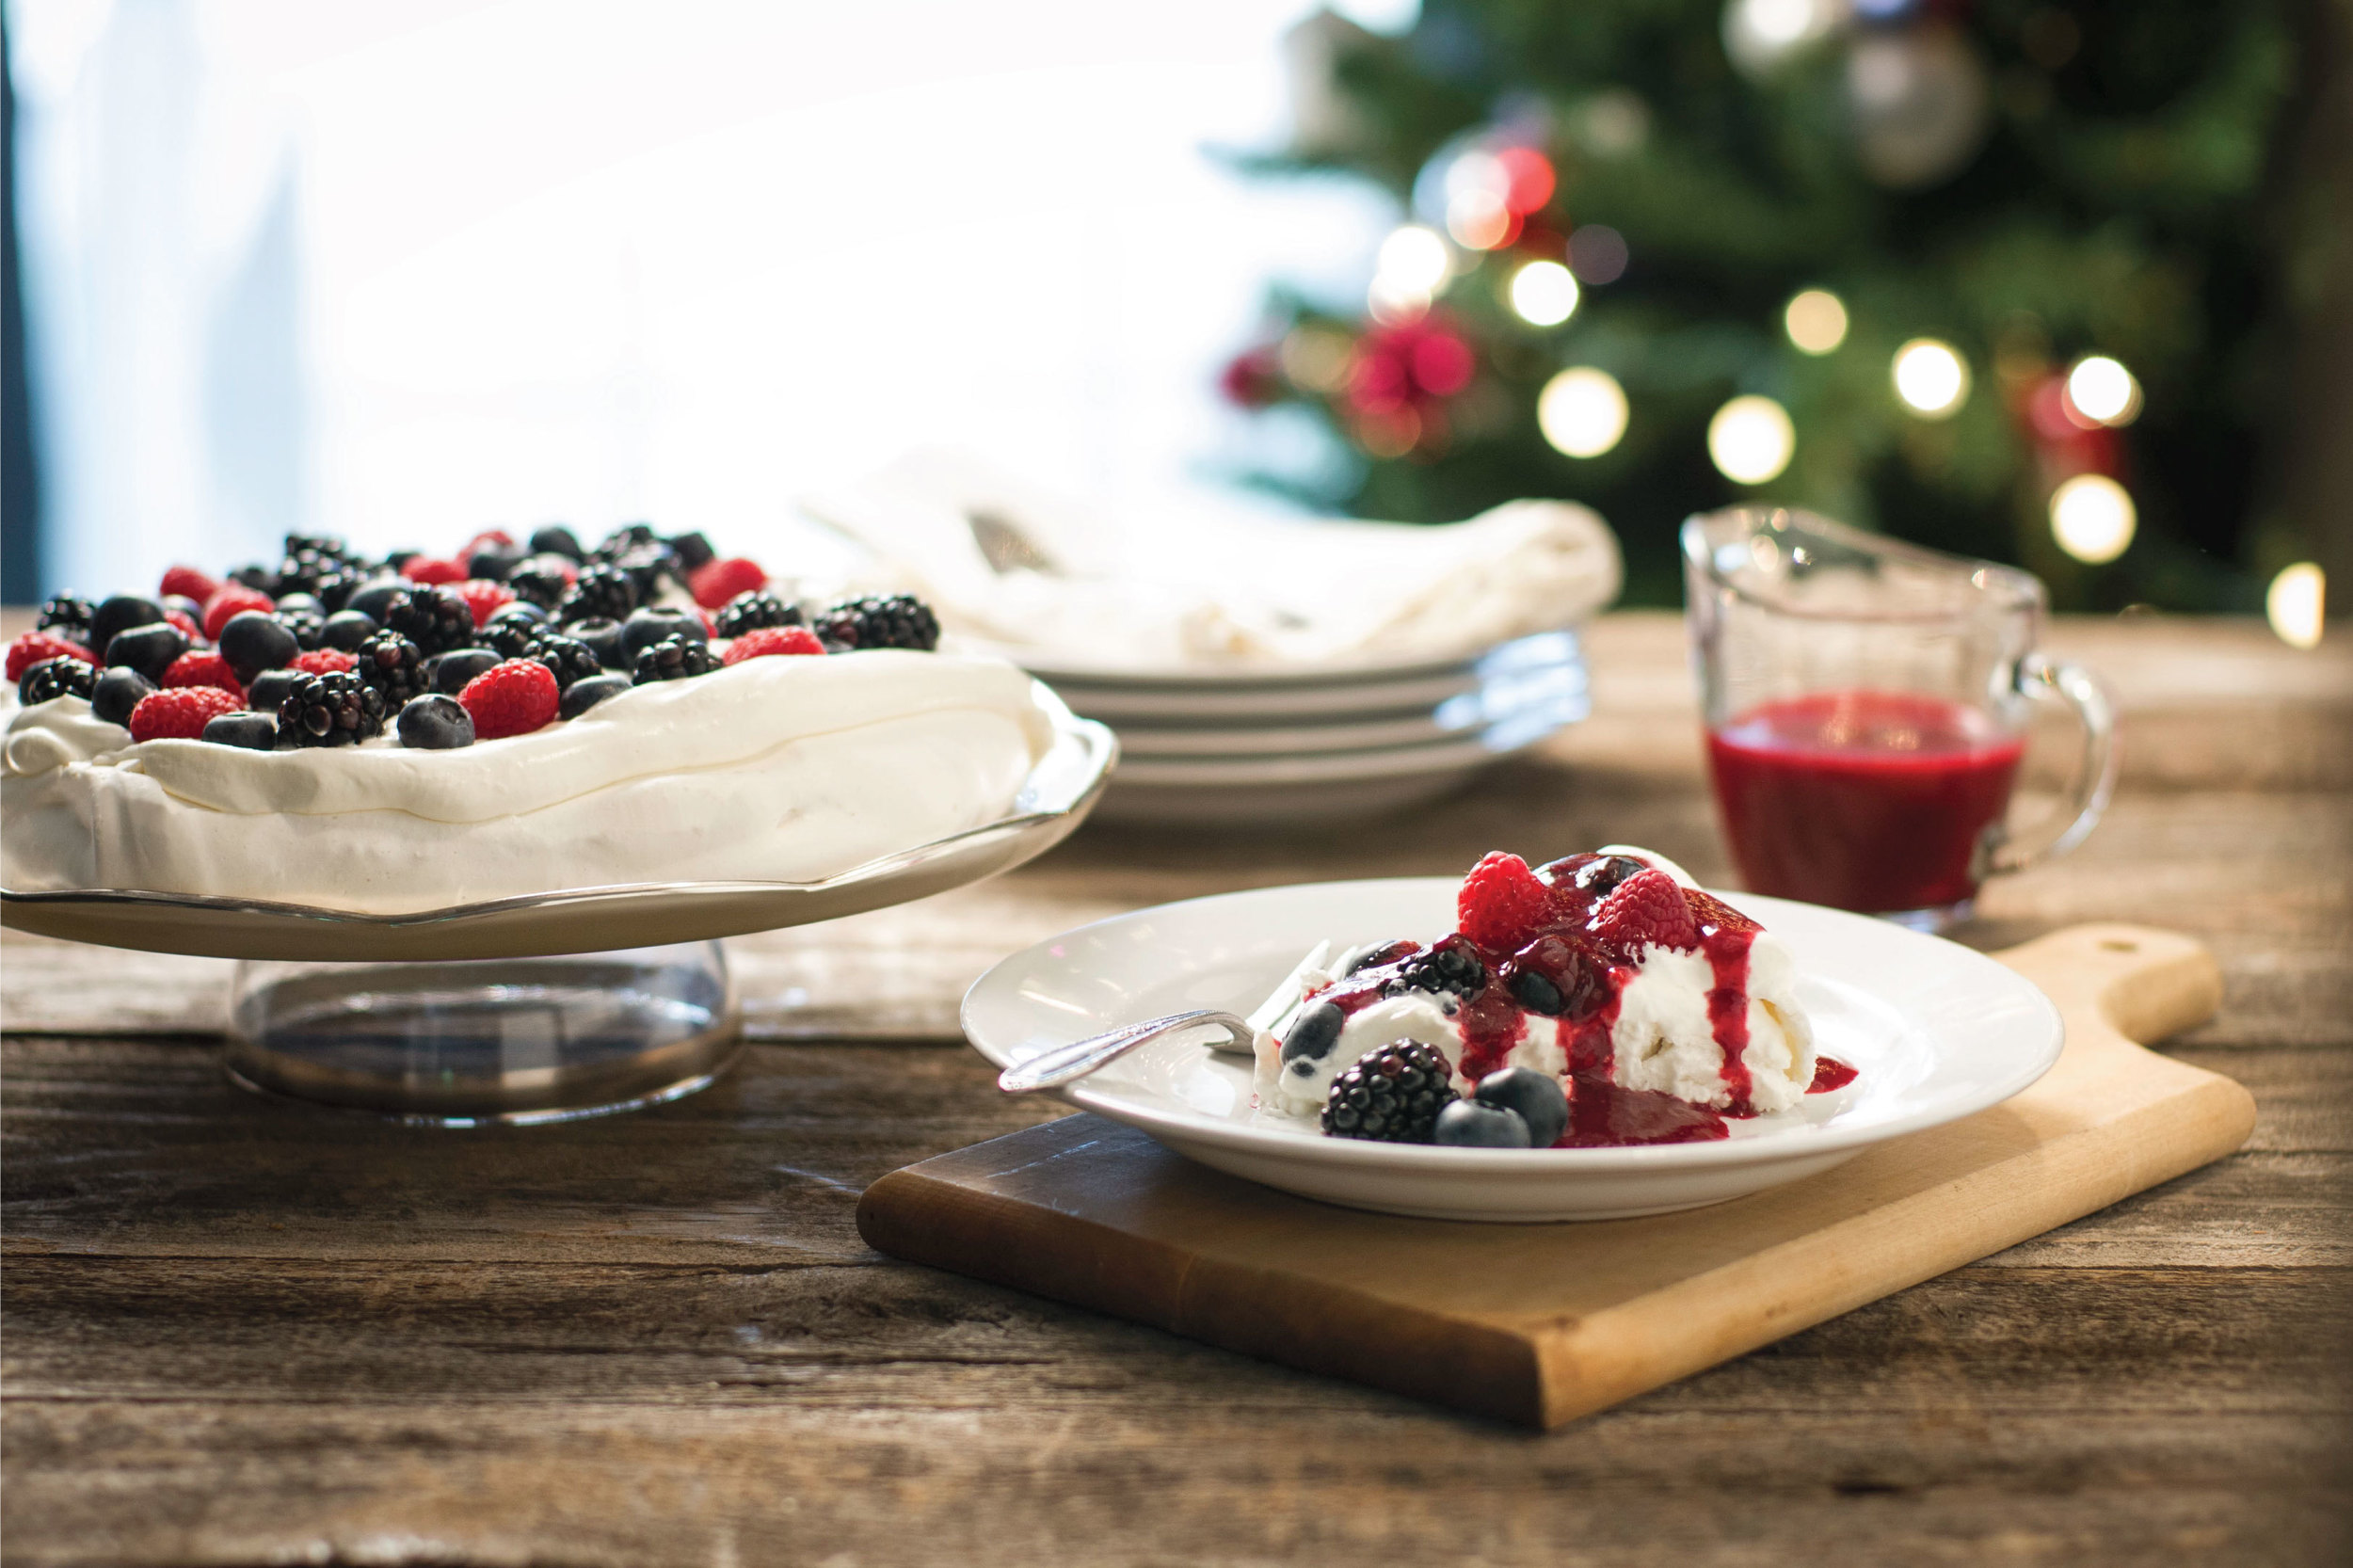 Fresh Berry Pavlova by Sam Henderson of Today's Nest